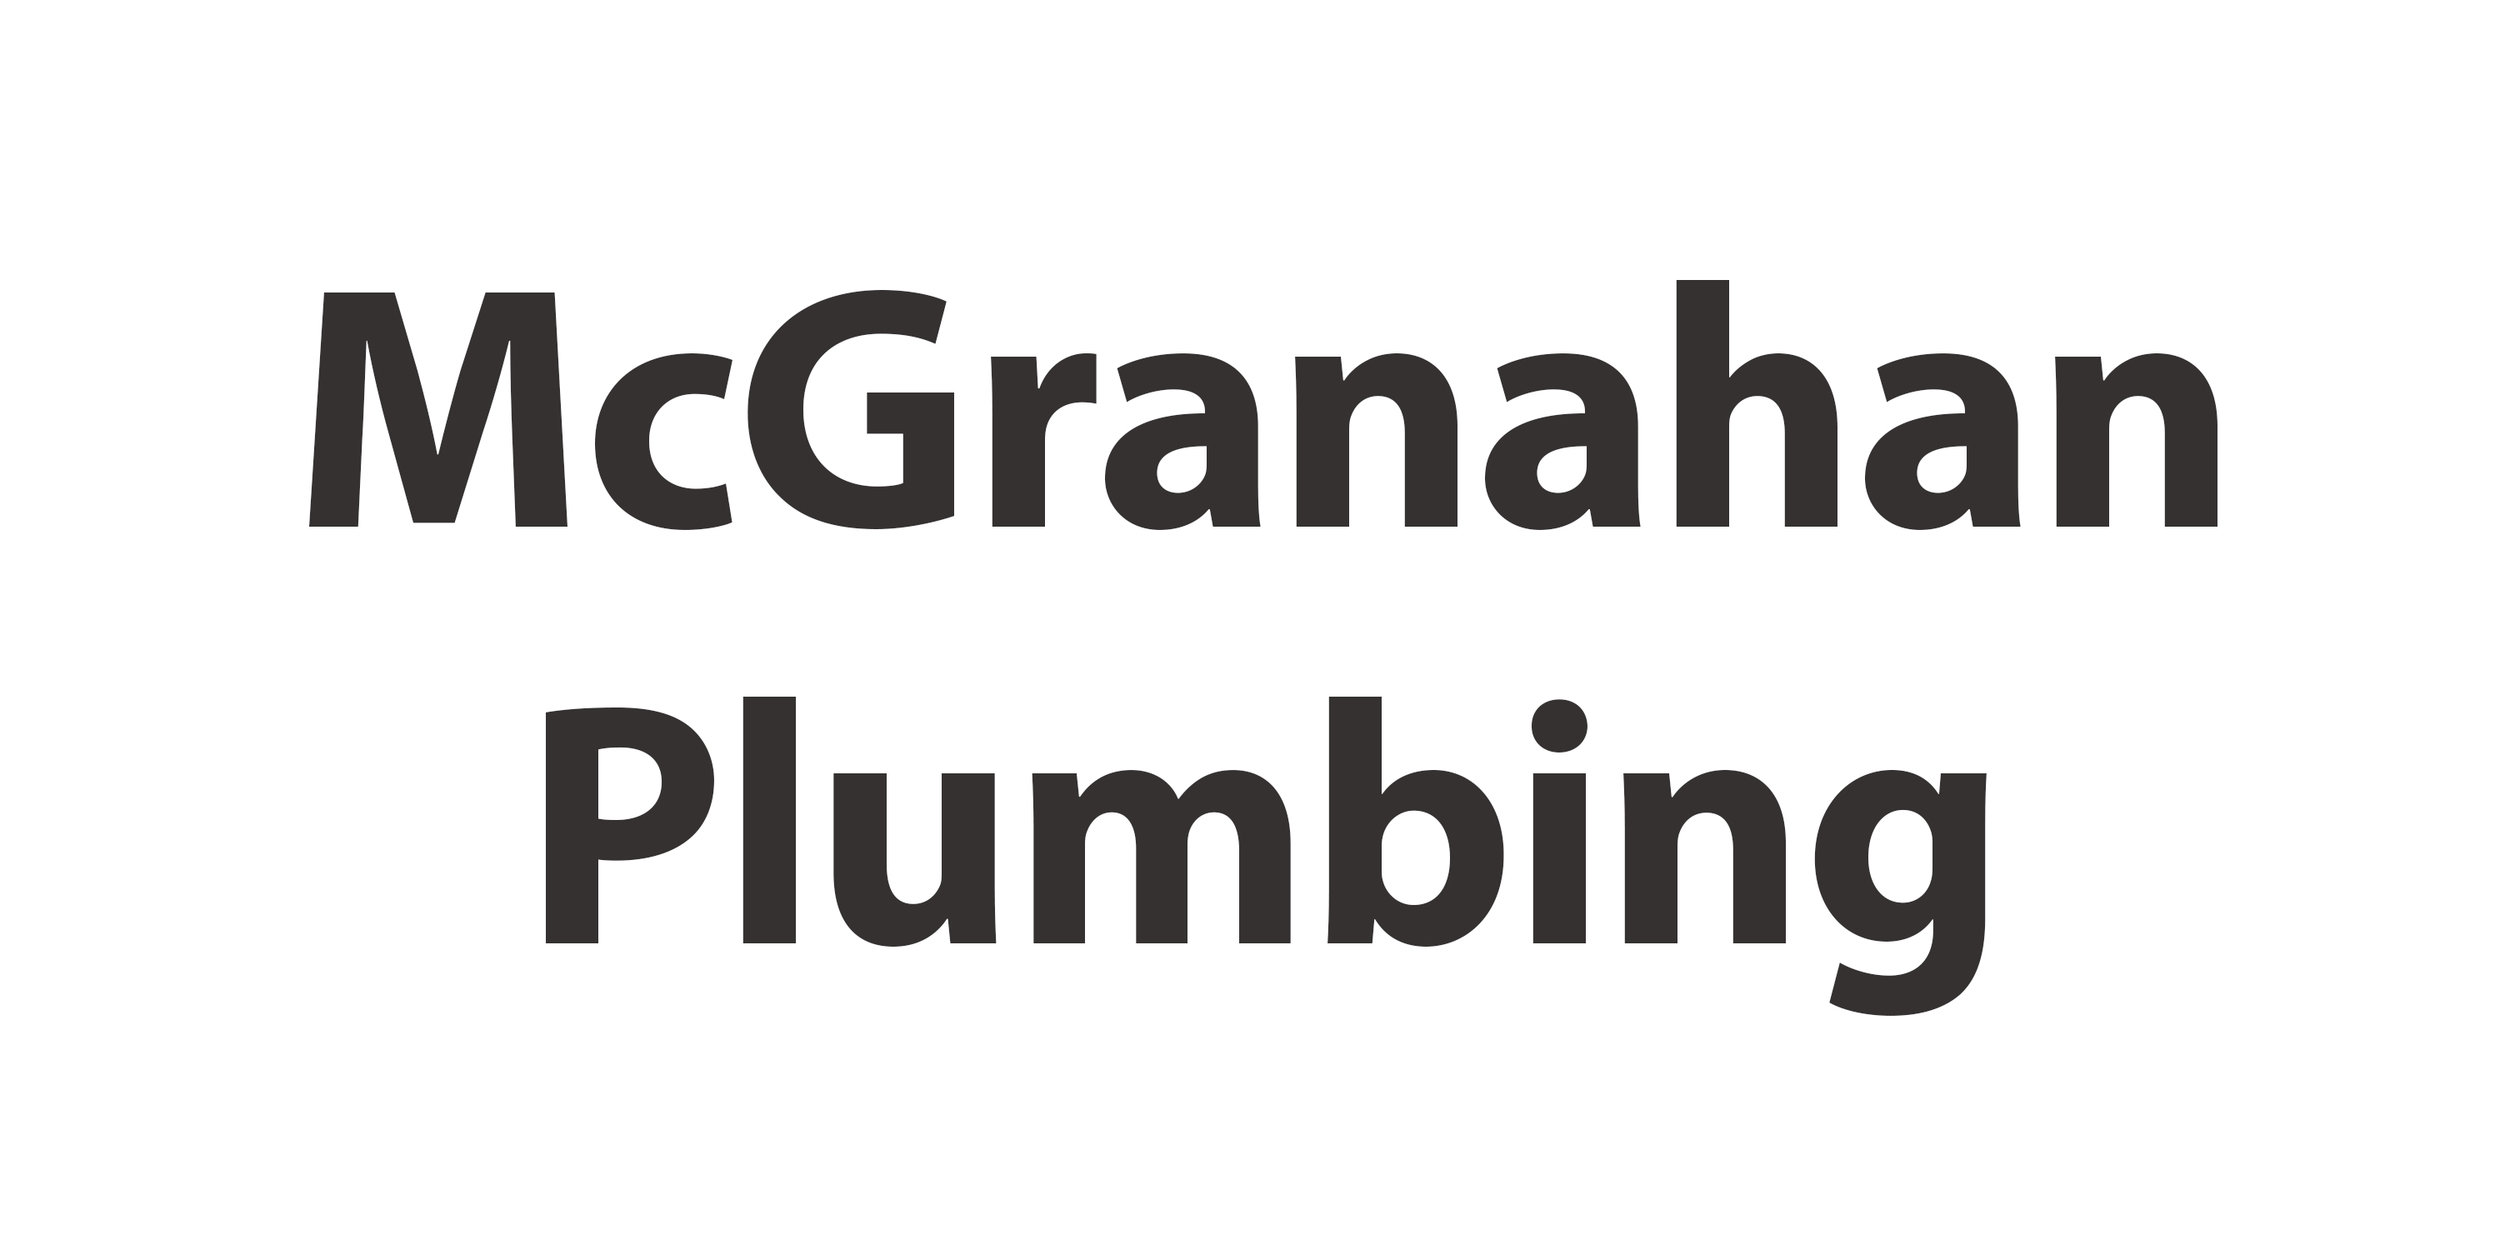 mcgranahanplumbing.jpg